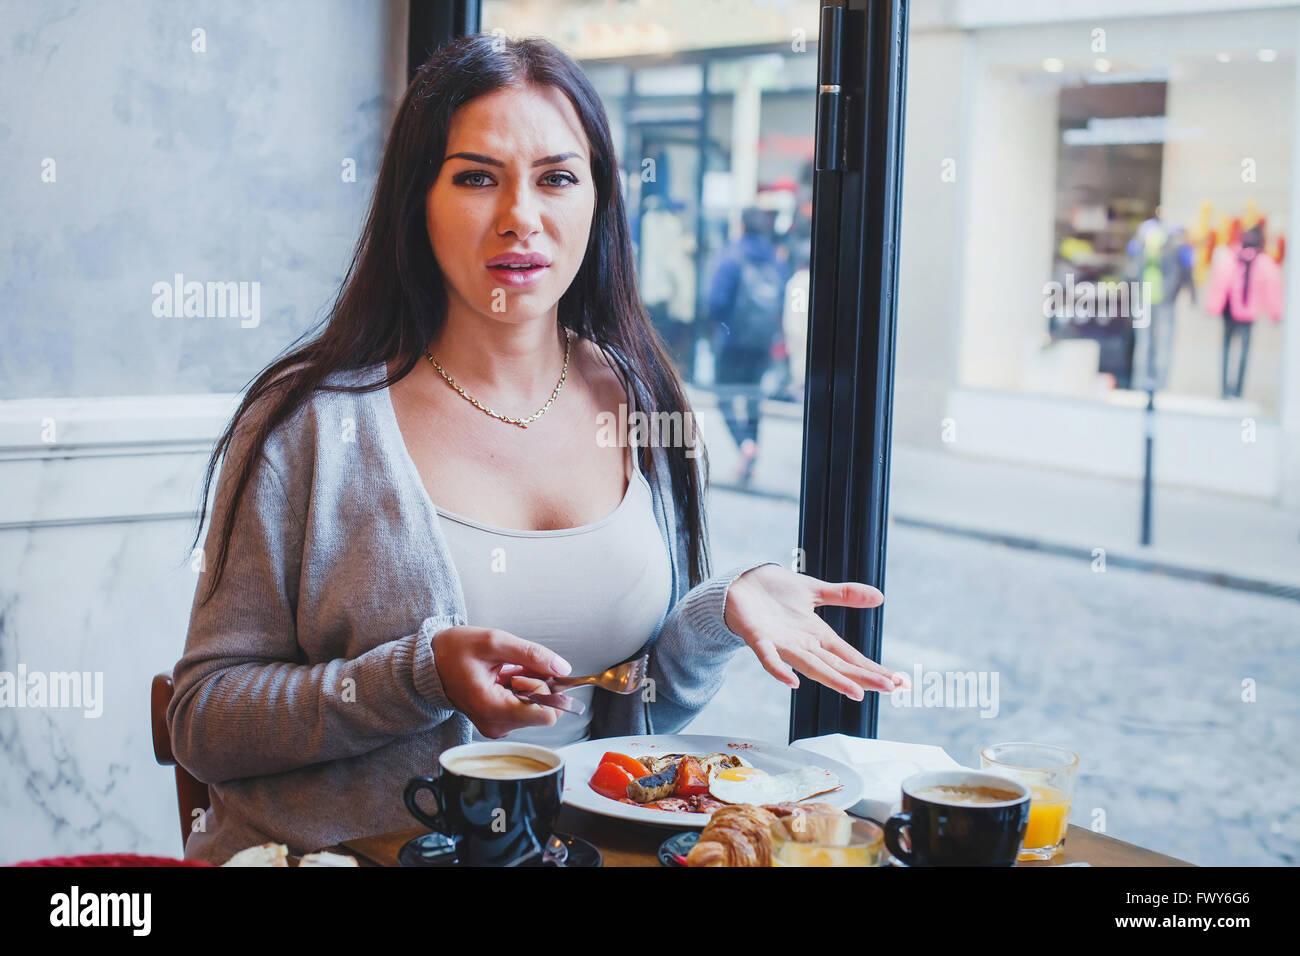 Client mécontent dans restaurant, femme en colère se plaindre de la nourriture et le service in cafe Photo Stock